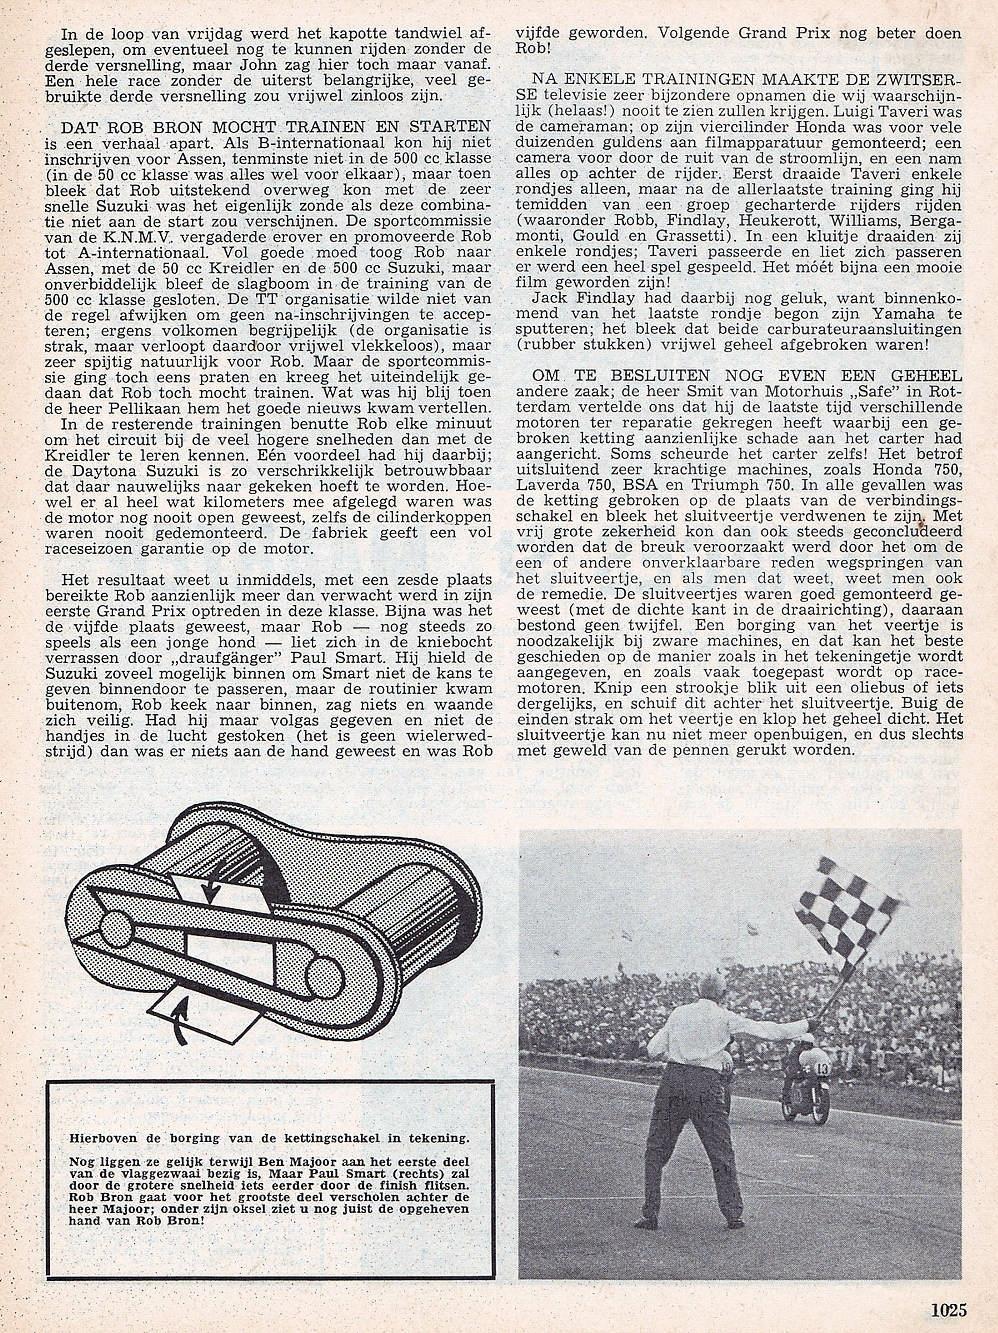 TRONCHE DE PISTARD...EN ACTION...DU MYTHIQUE...DU LEGENDAIRE - Page 8 735237wp362f784c0506